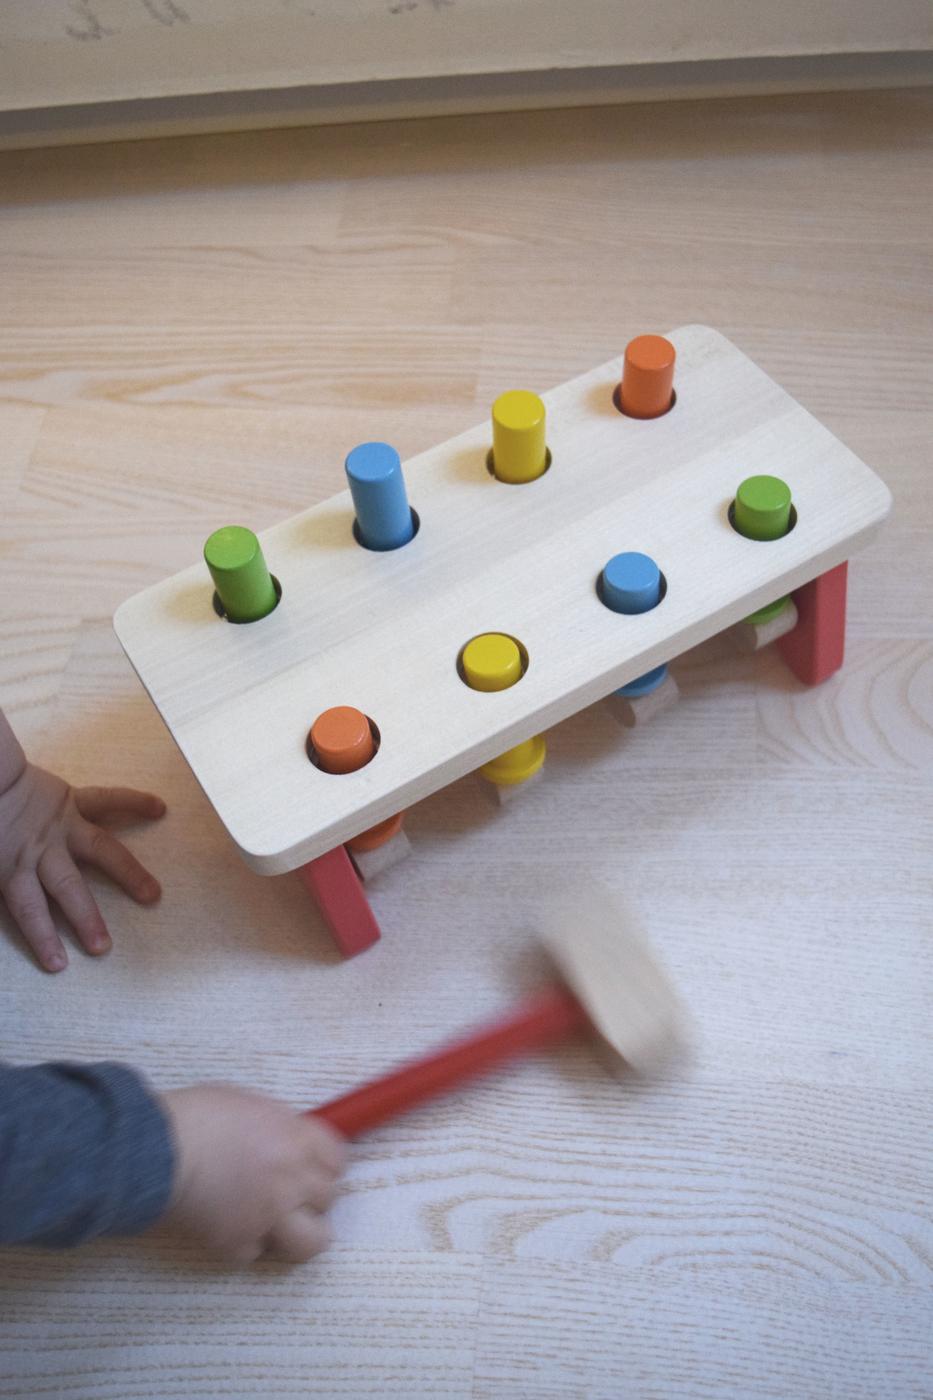 vauva leikkii4.jpg